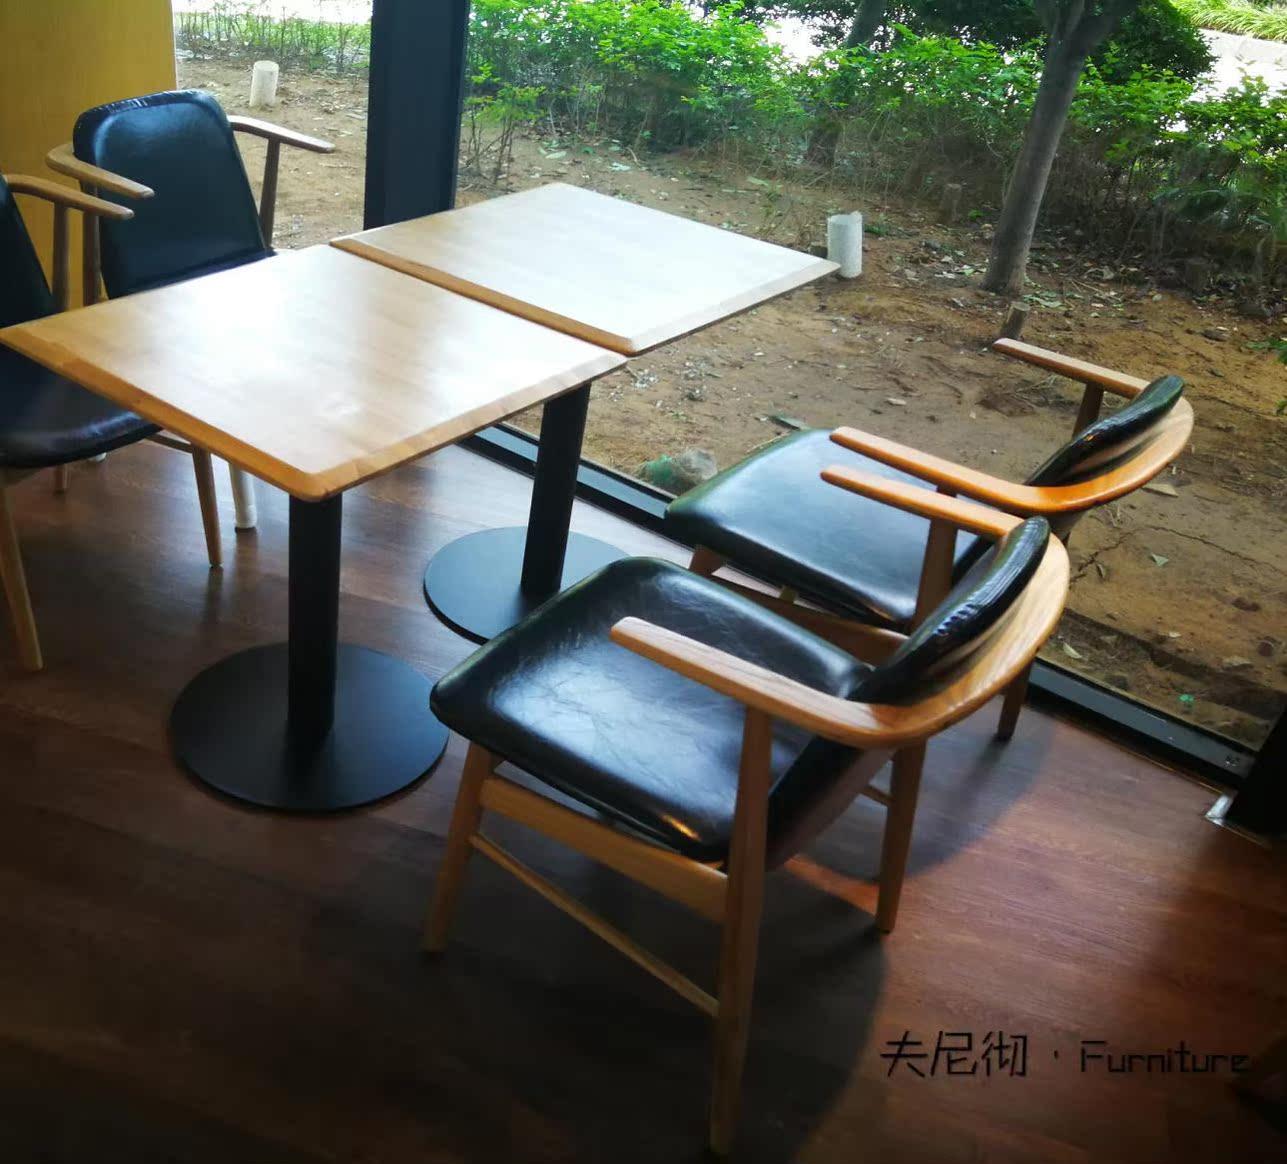 Мебель для ресторанов / Фургоны для продажи еды Артикул 572506274427